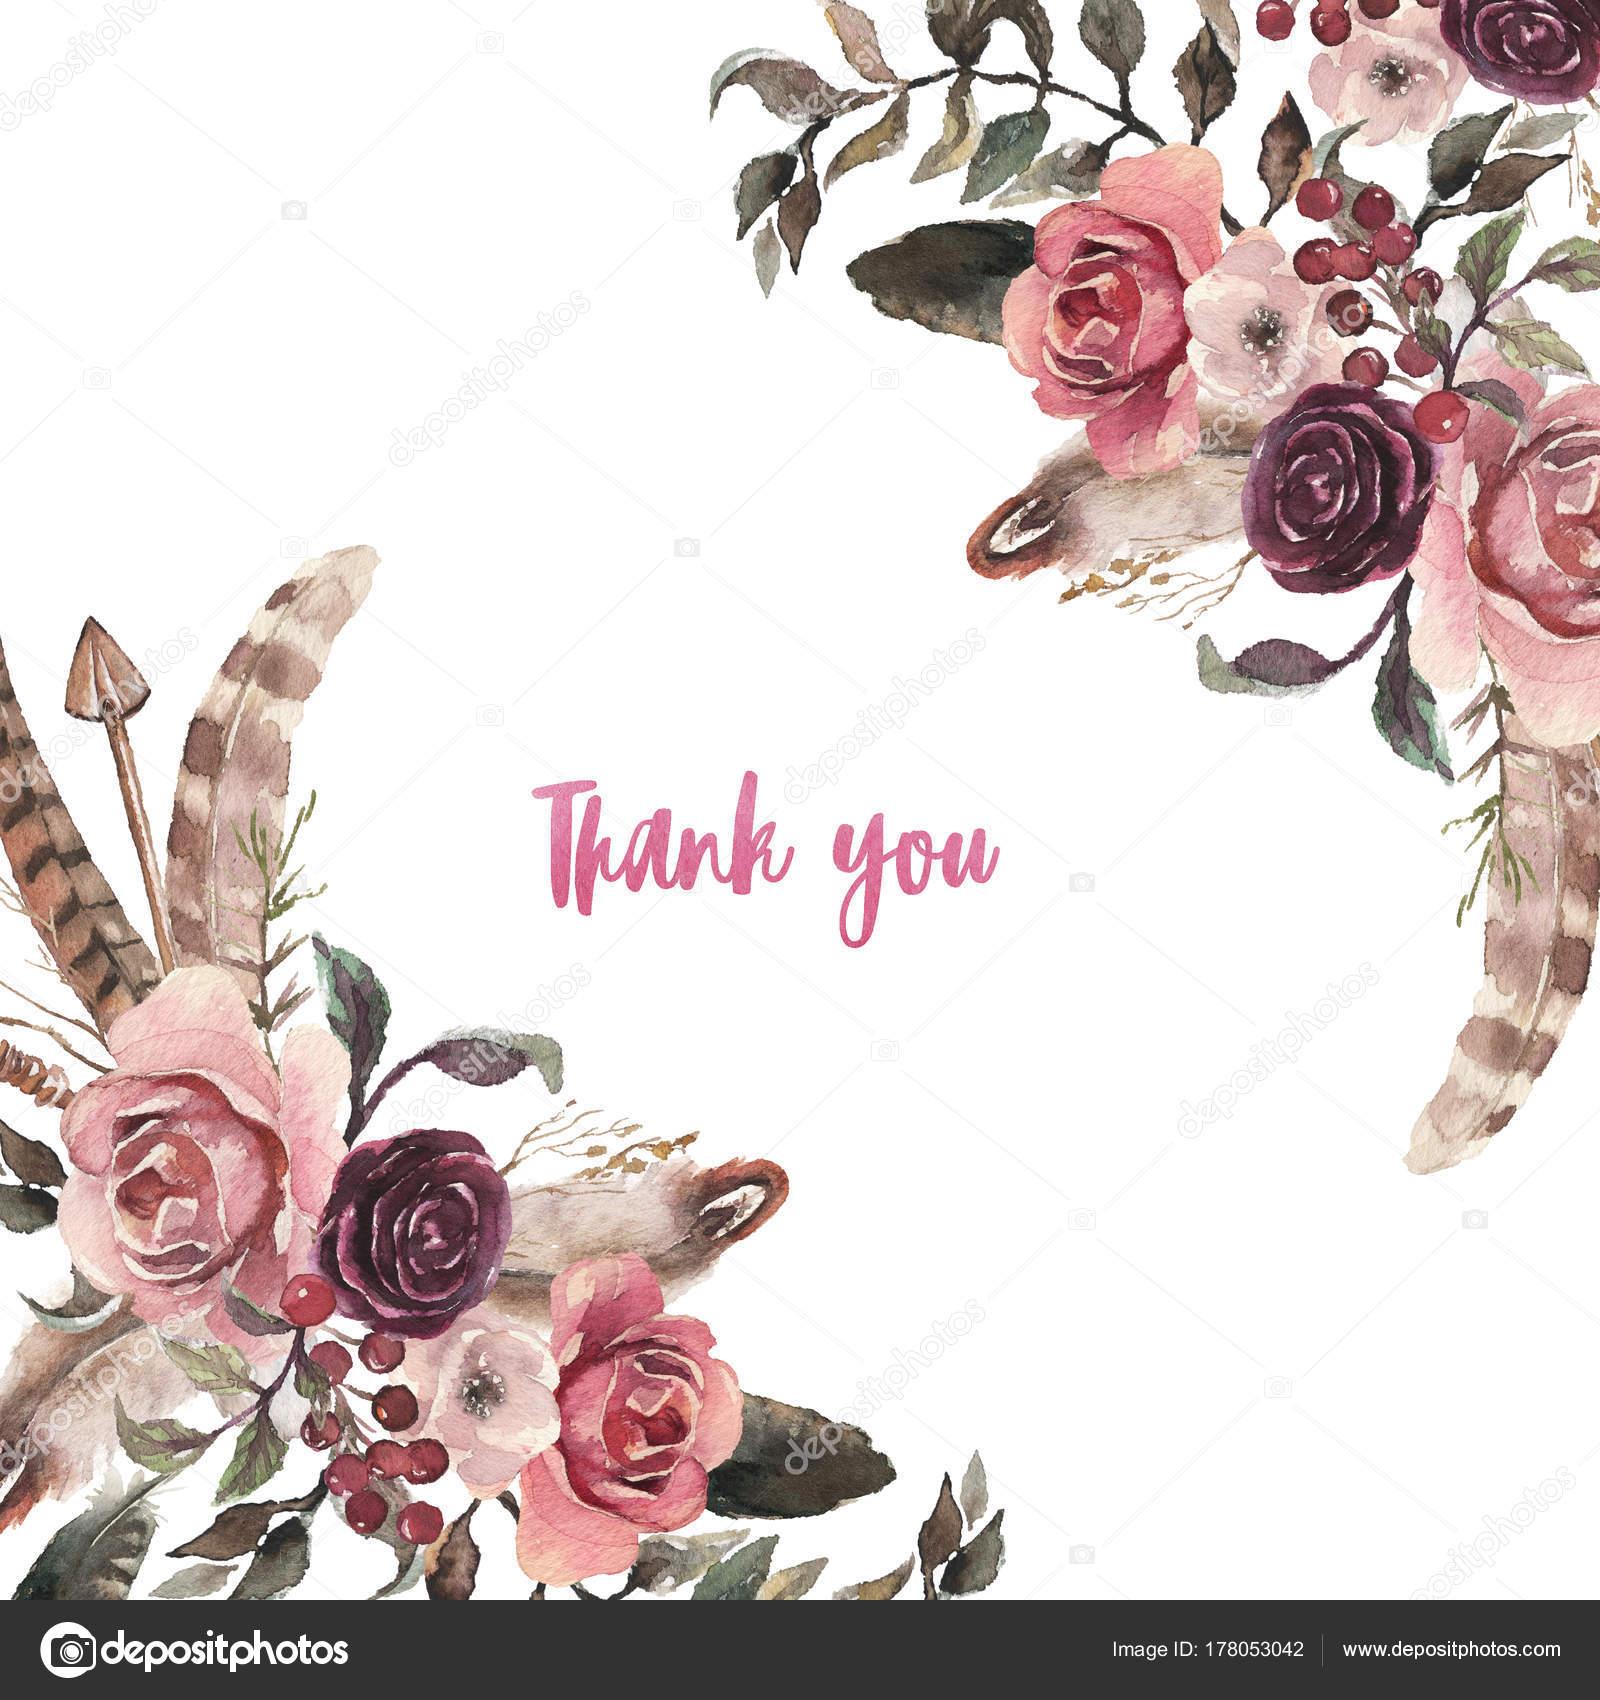 Fall Desktop Wallpaper Pinterest Watercolor Natural Boho Floral Flower Feather Arrangement